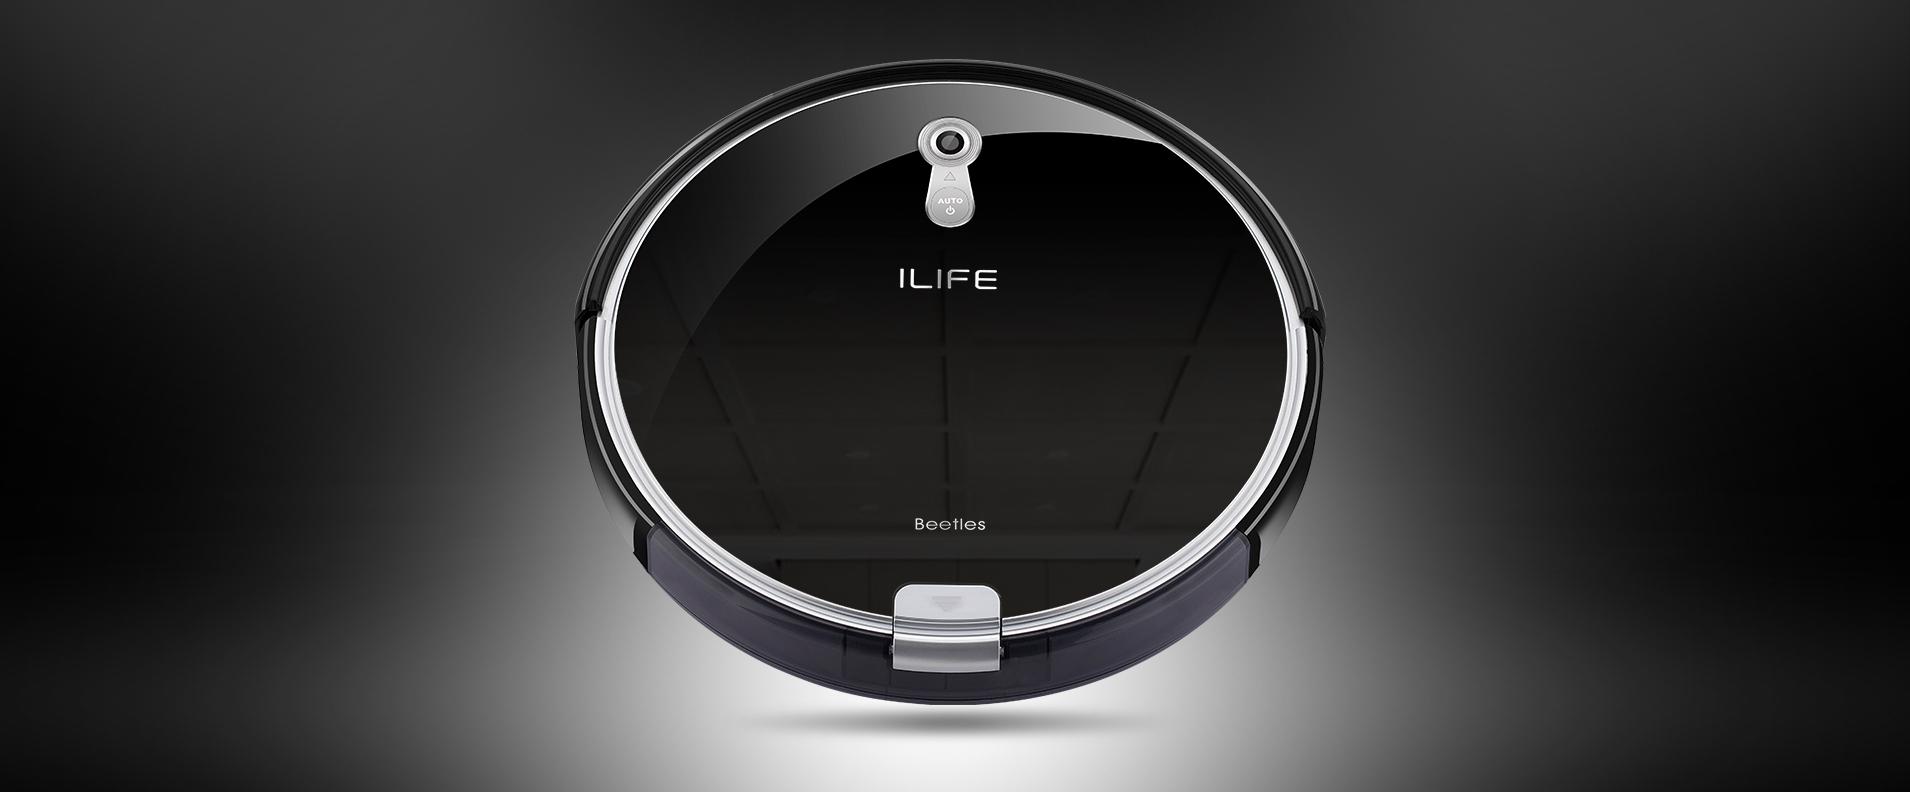 odkurzacz samojezdny ILIFE A8 nowoczesny design